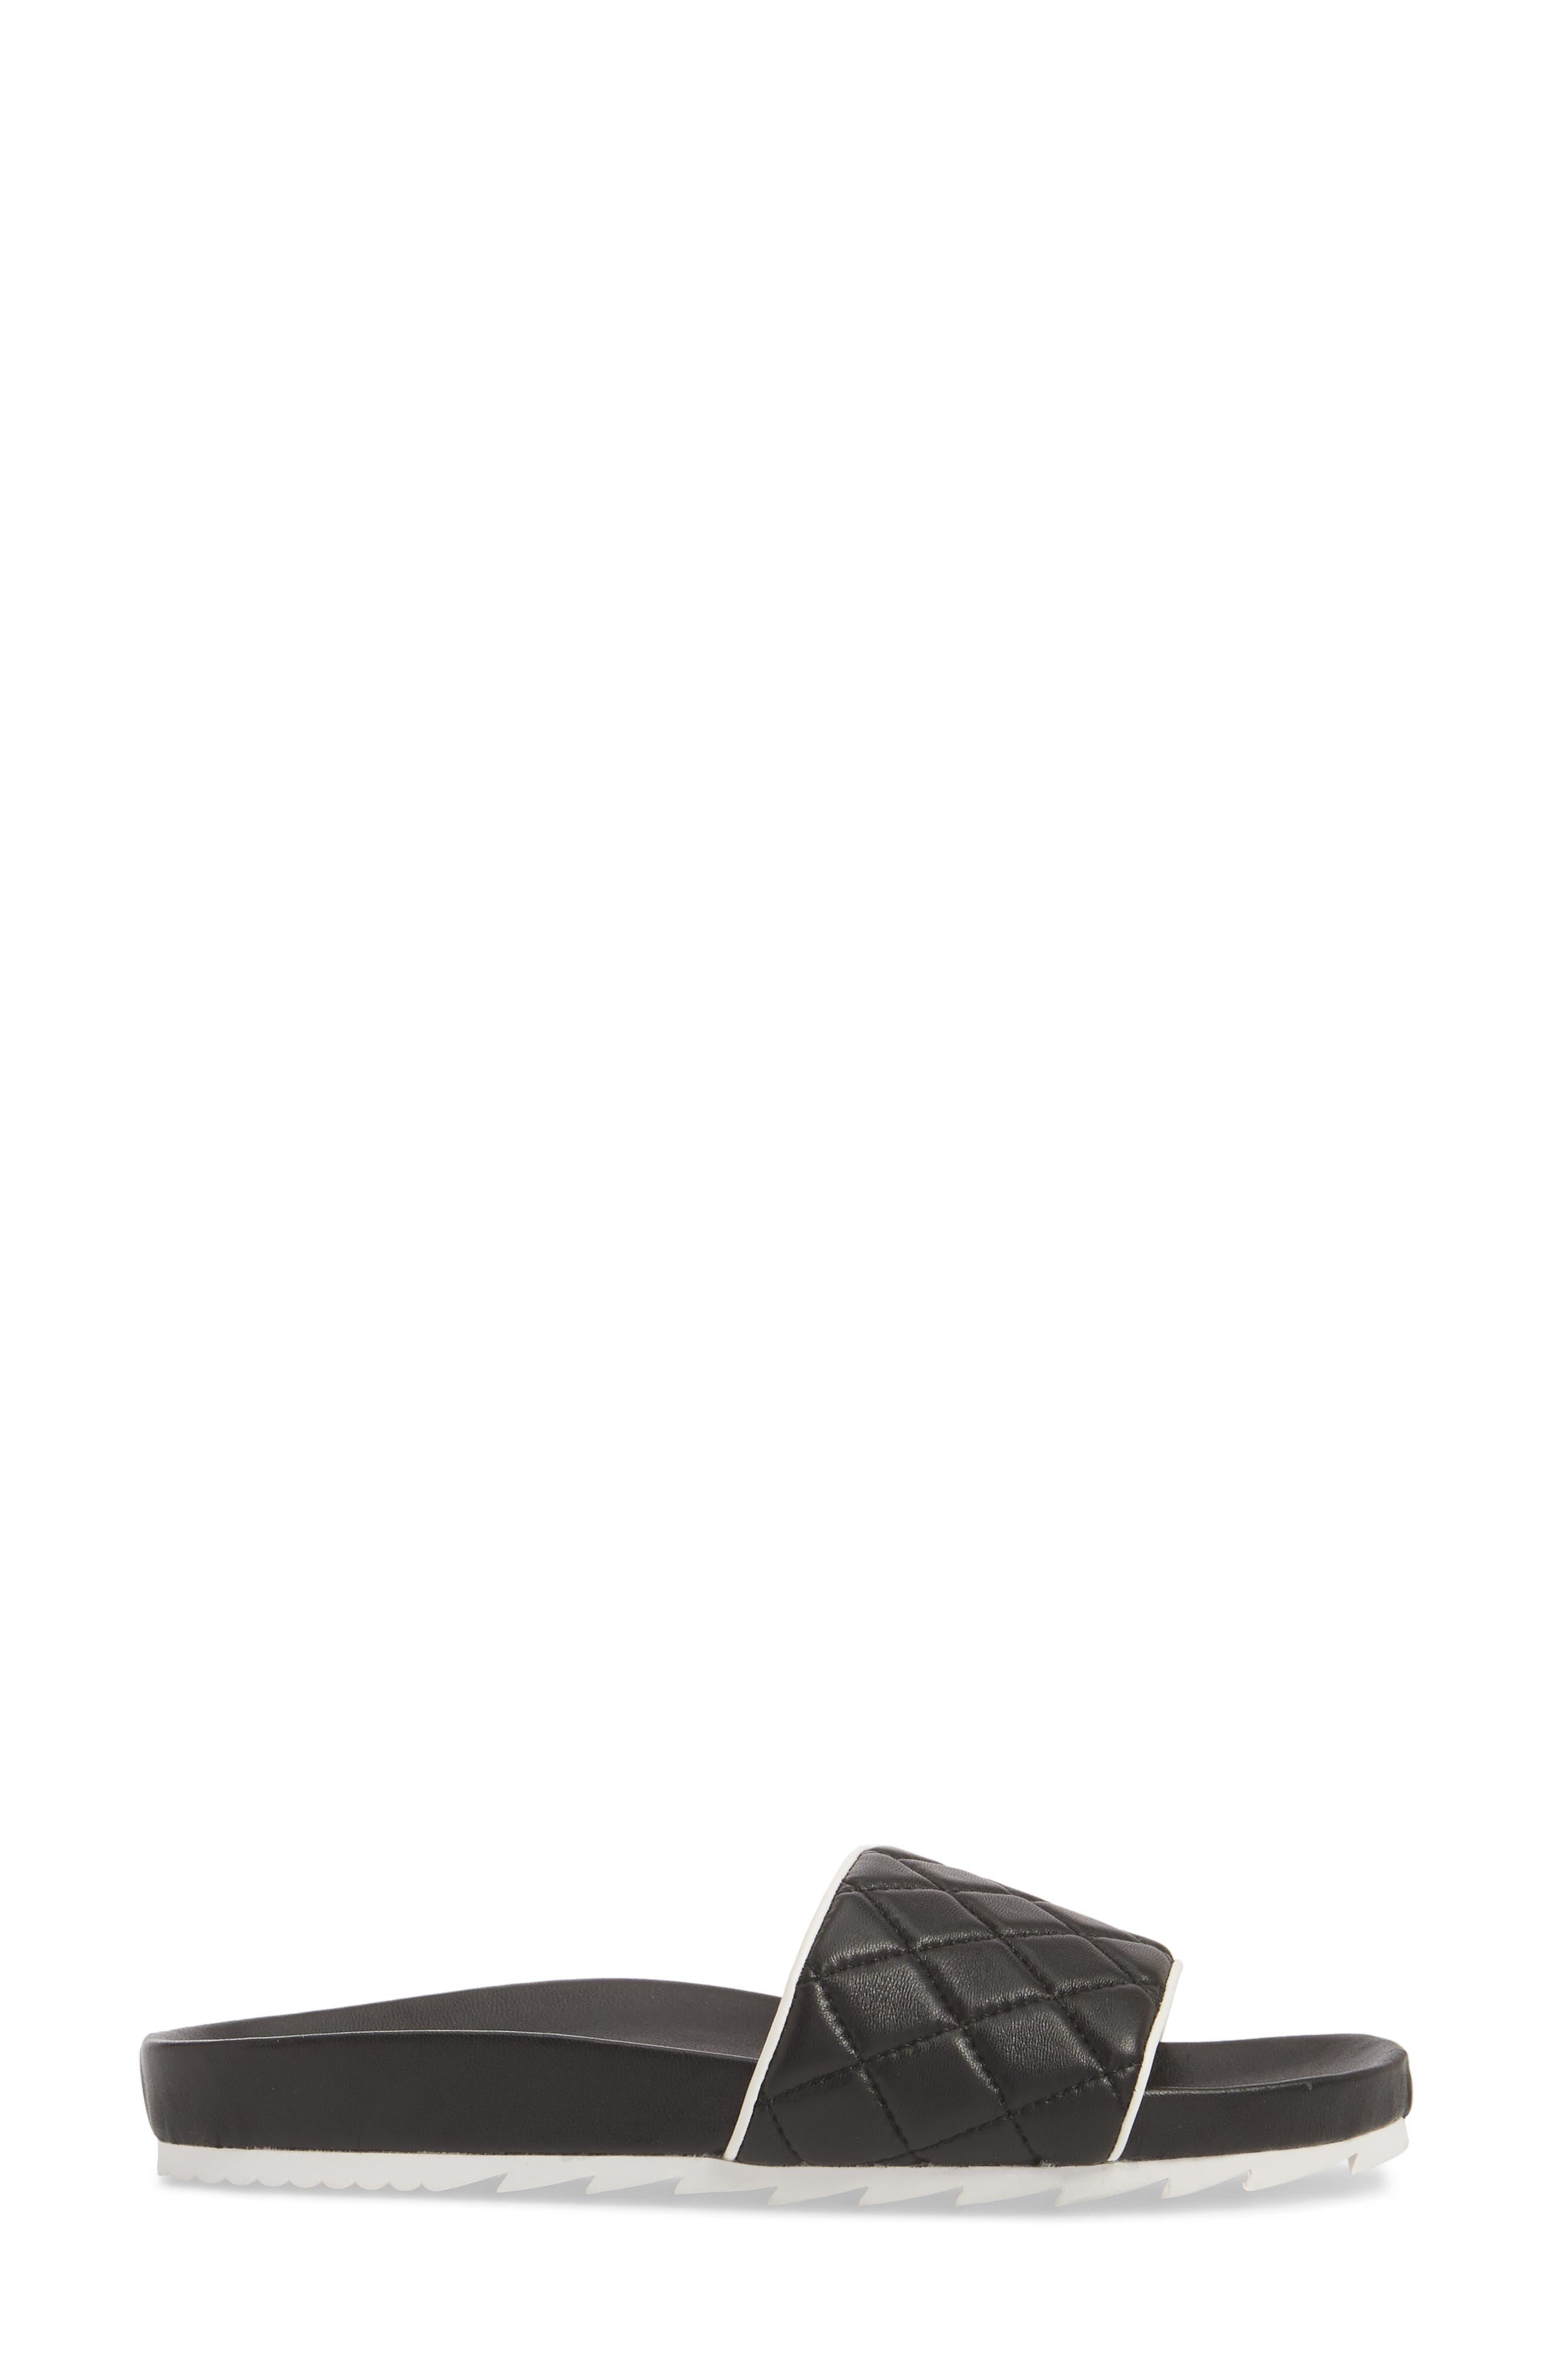 Edge Slide Sandal,                             Alternate thumbnail 3, color,                             BLACK LEATHER